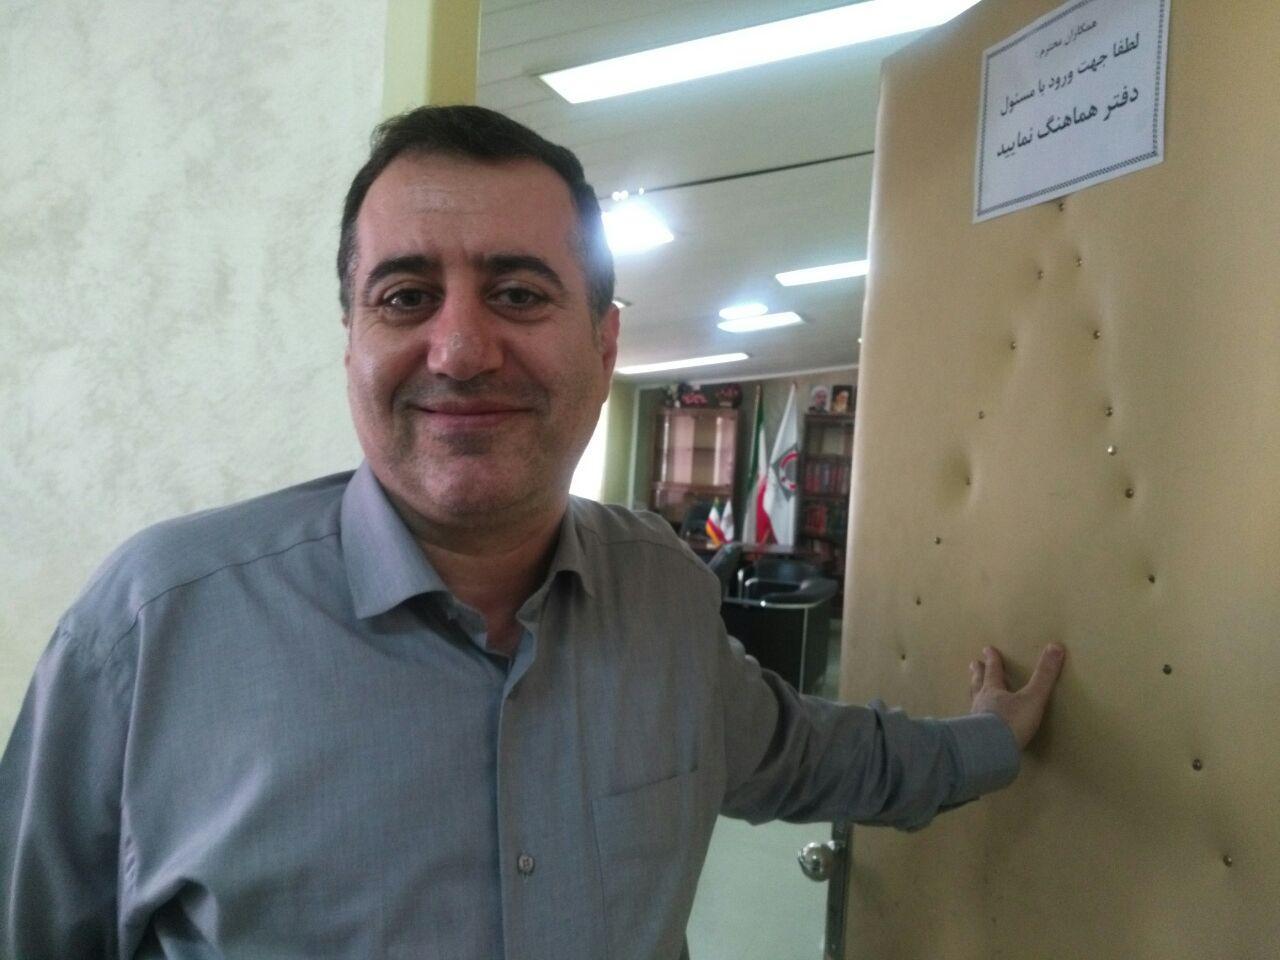 گیلانی ها در ماه مبارک رمضان نزدیک به ۳ هزار واحد خون اهدا کردند